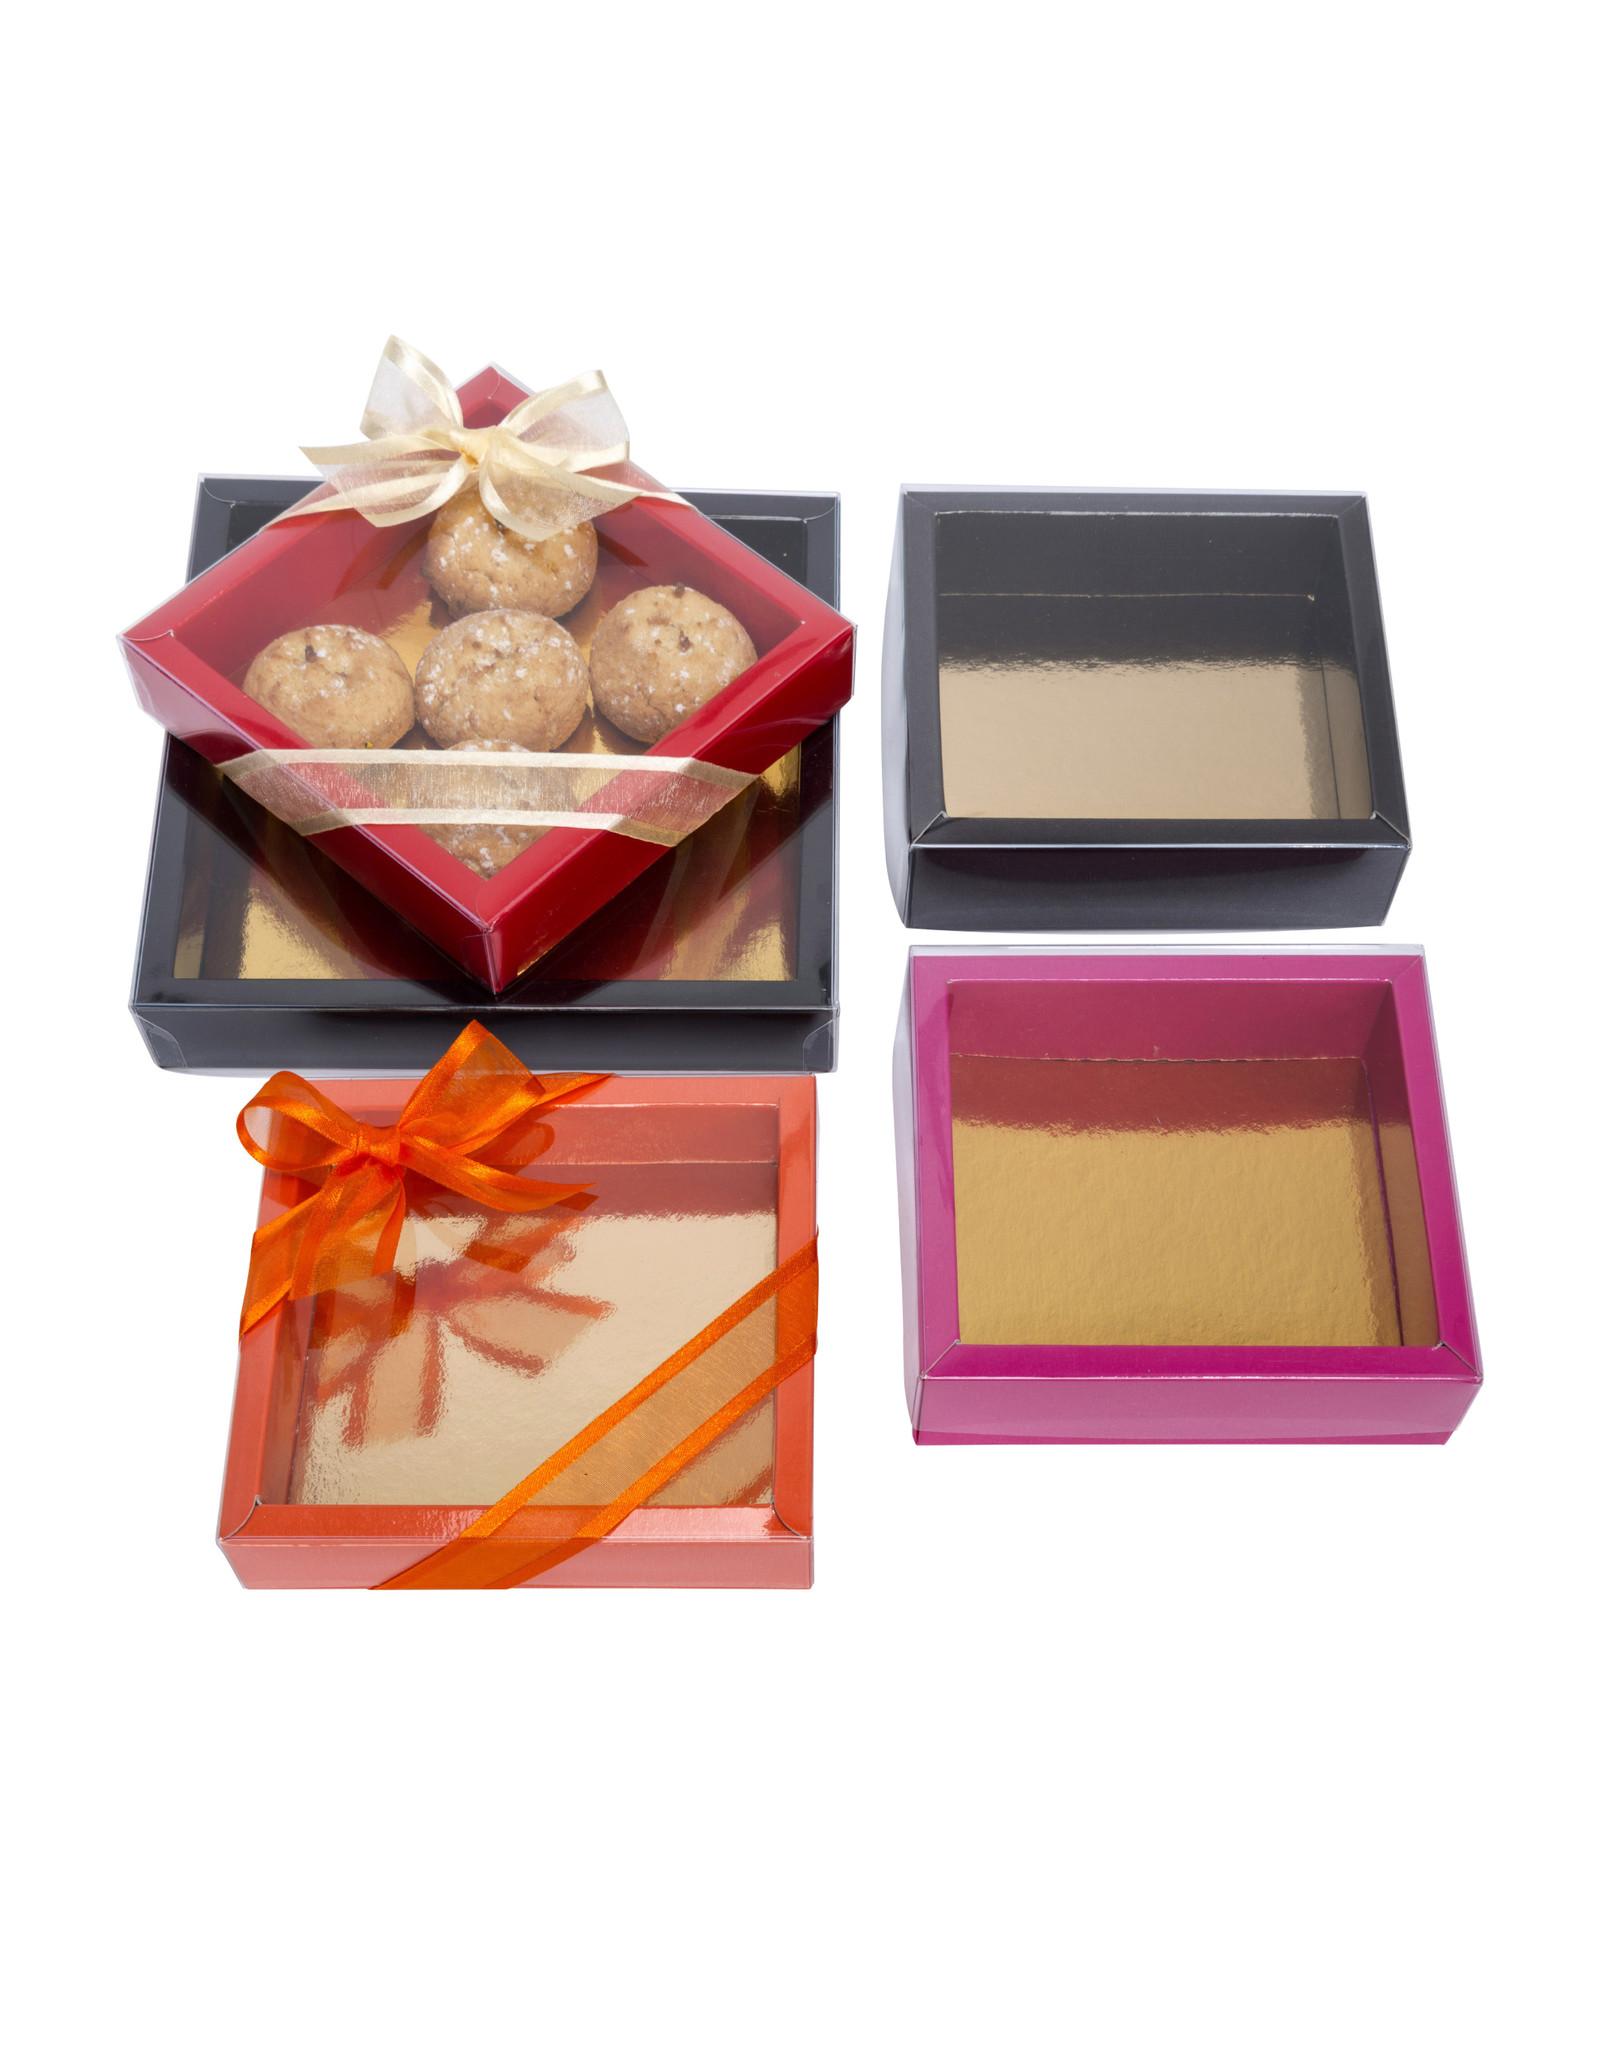 Luxe Box 15x15x2.5cm